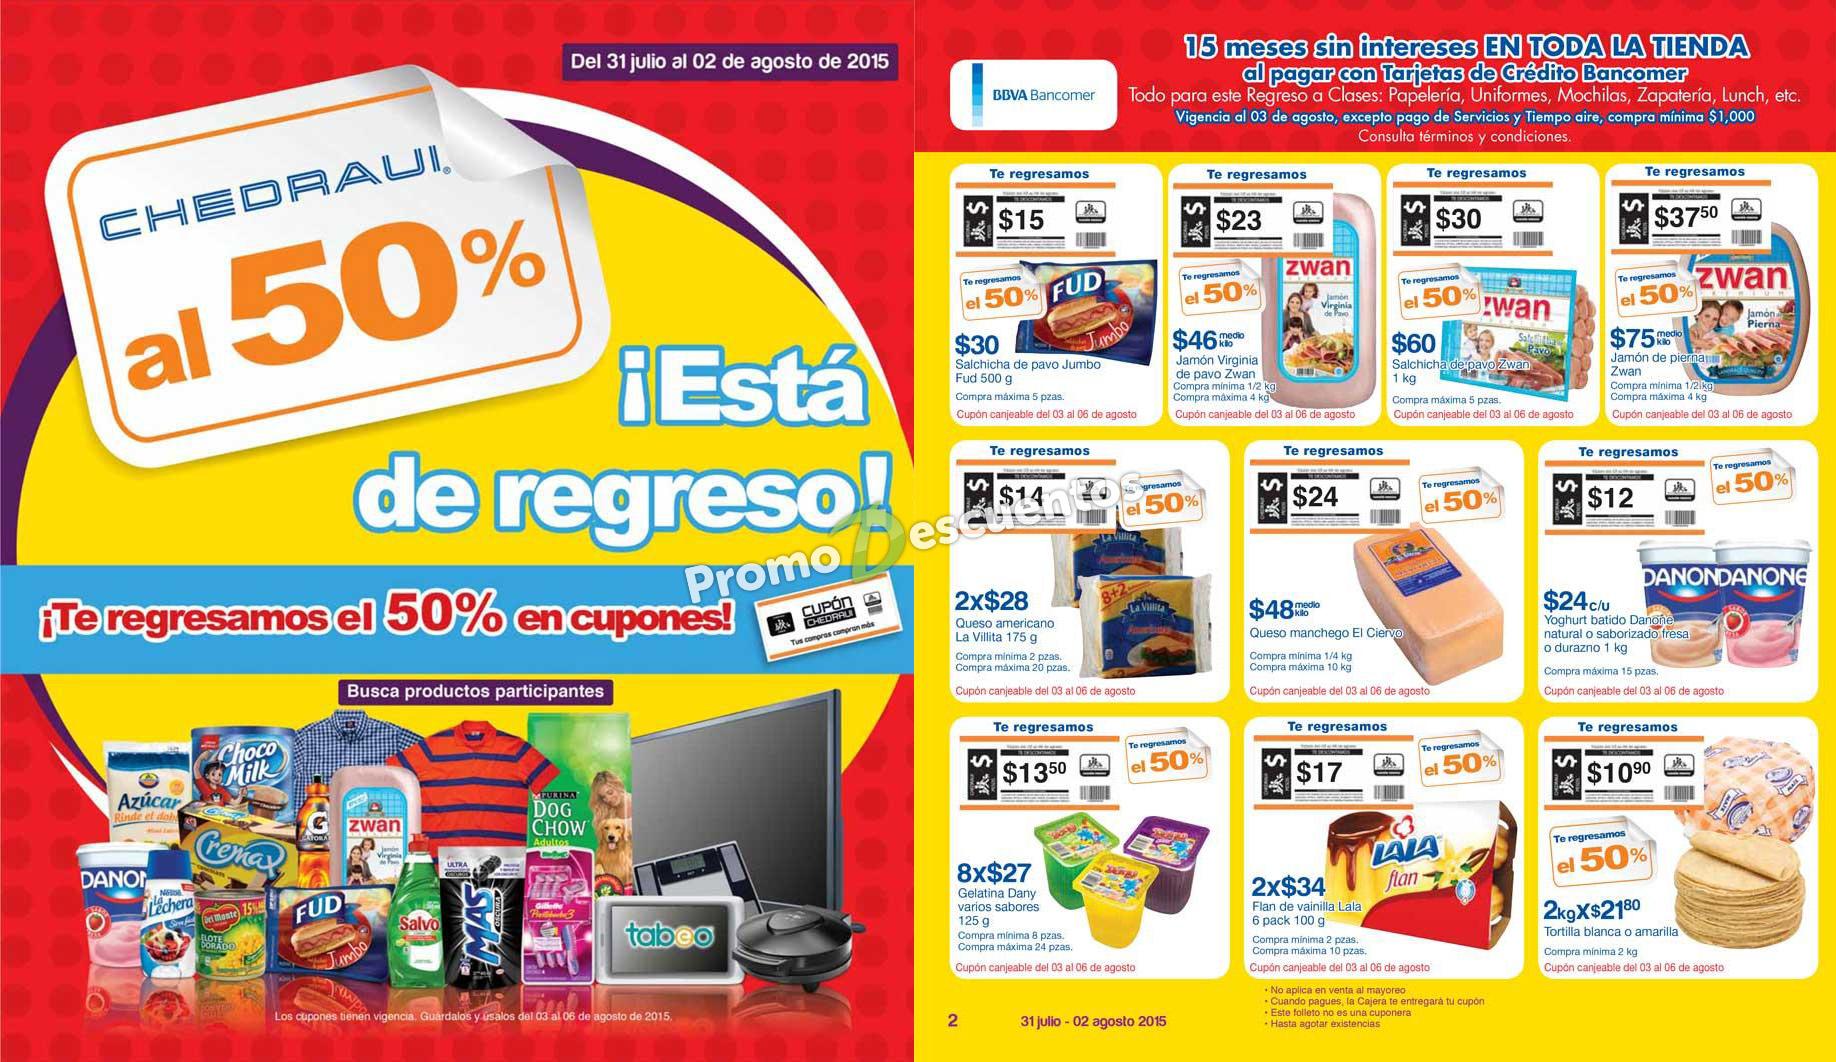 Chedraui: artículos con 50% de bonificación del 31 de julio al 2 de agosto